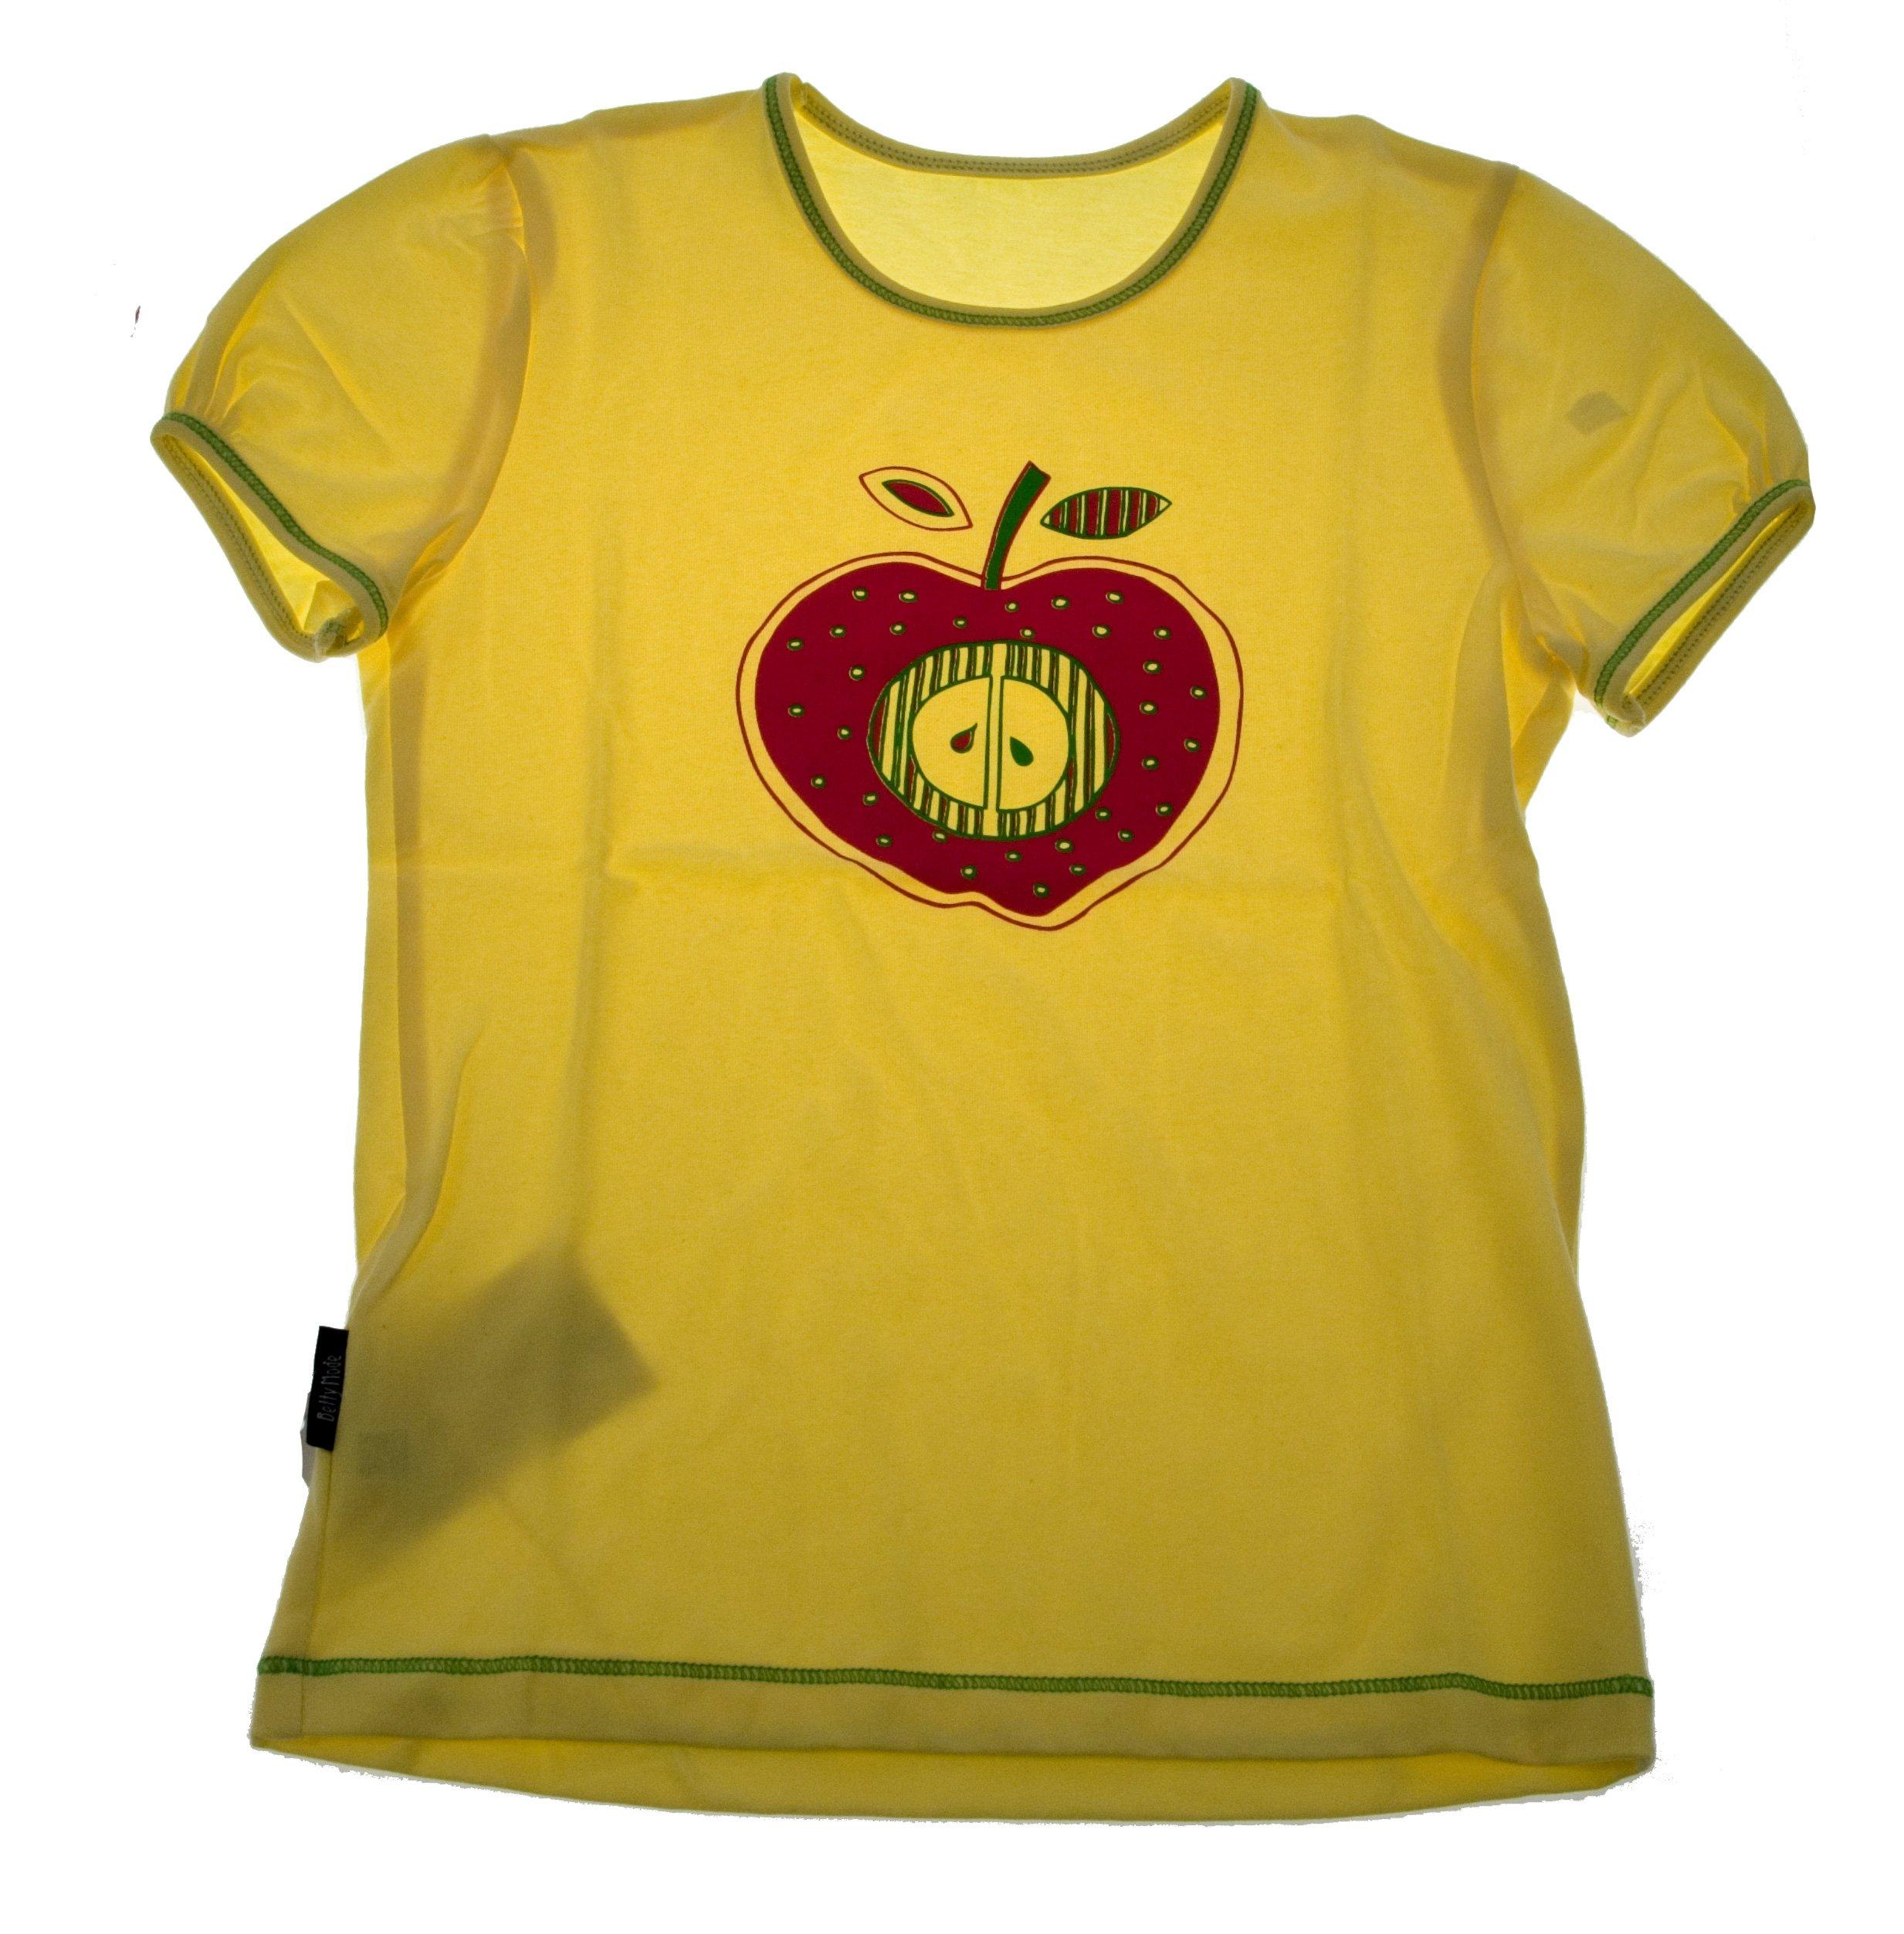 Dívèí trièko s krátkým rukávem 146-164 - VÝPRODEJ